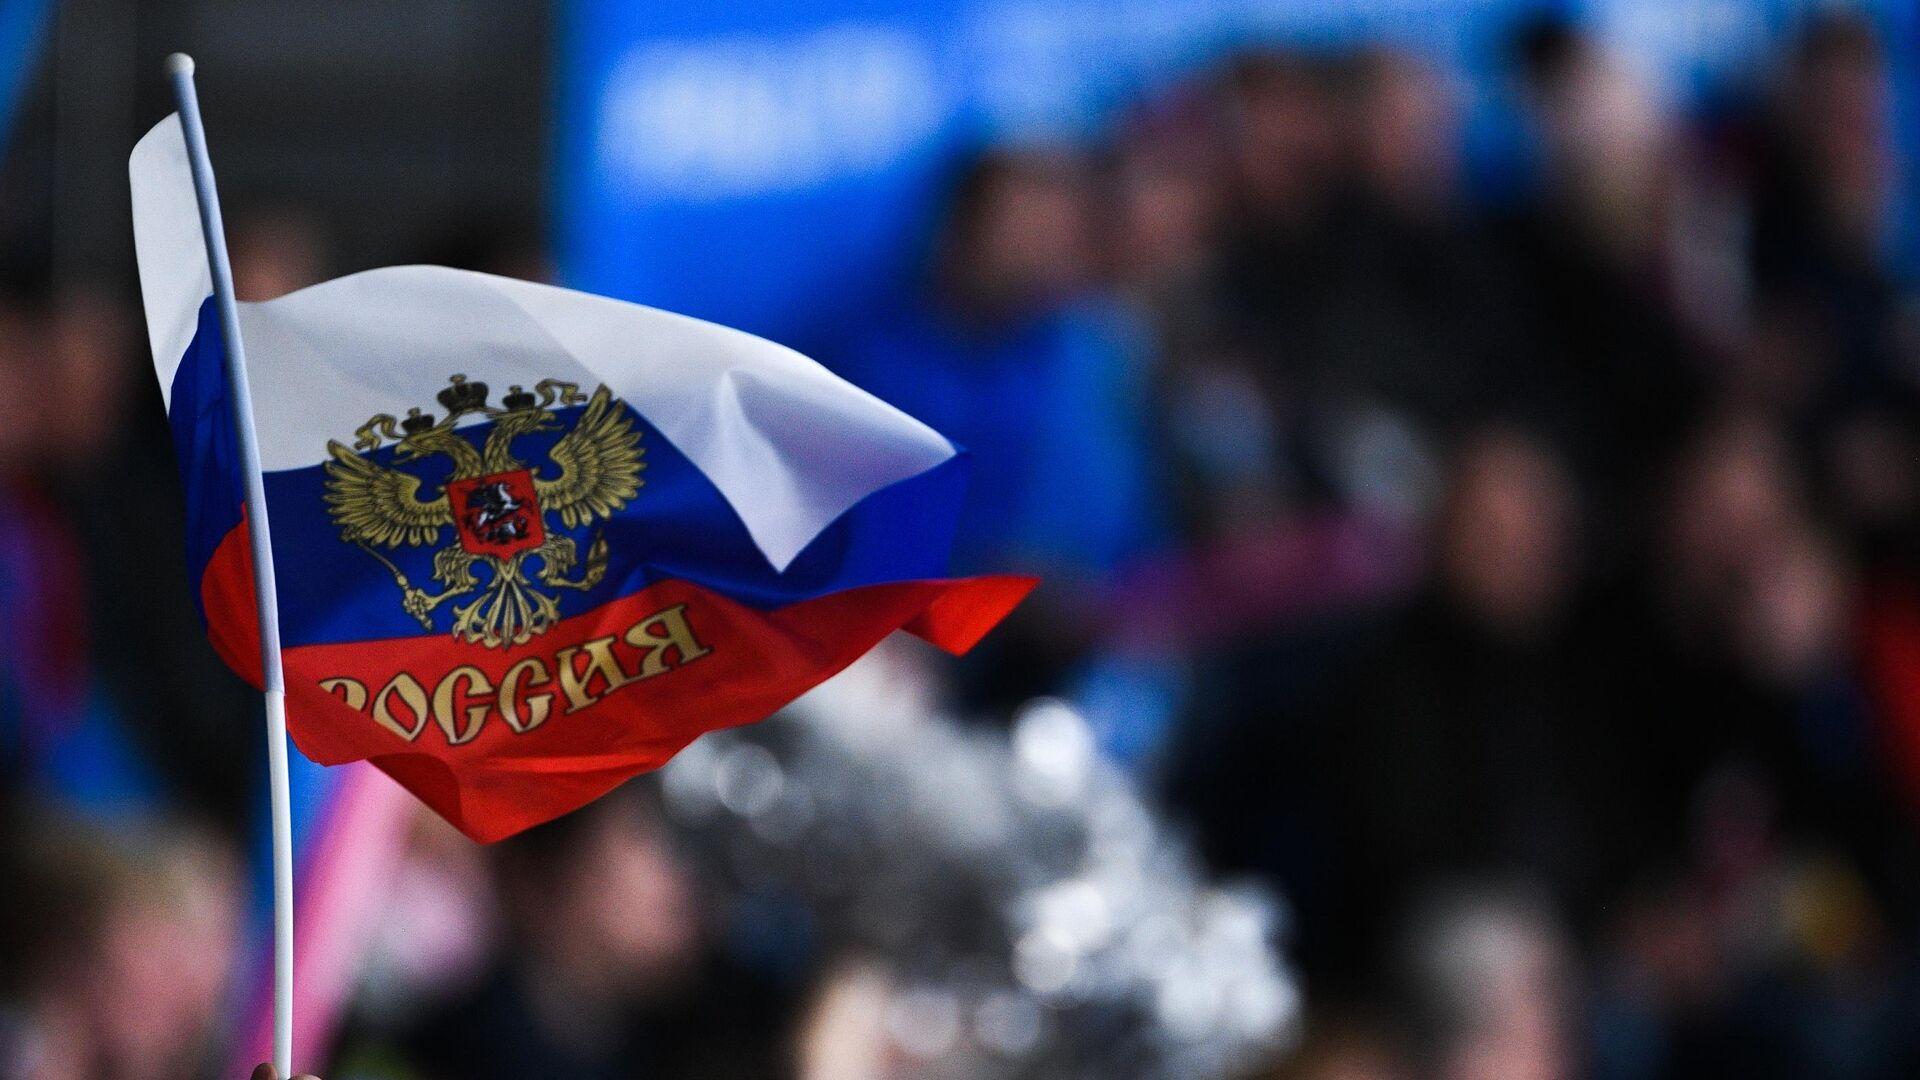 Российский флаг в руке болельщика - РИА Новости, 1920, 30.11.2020